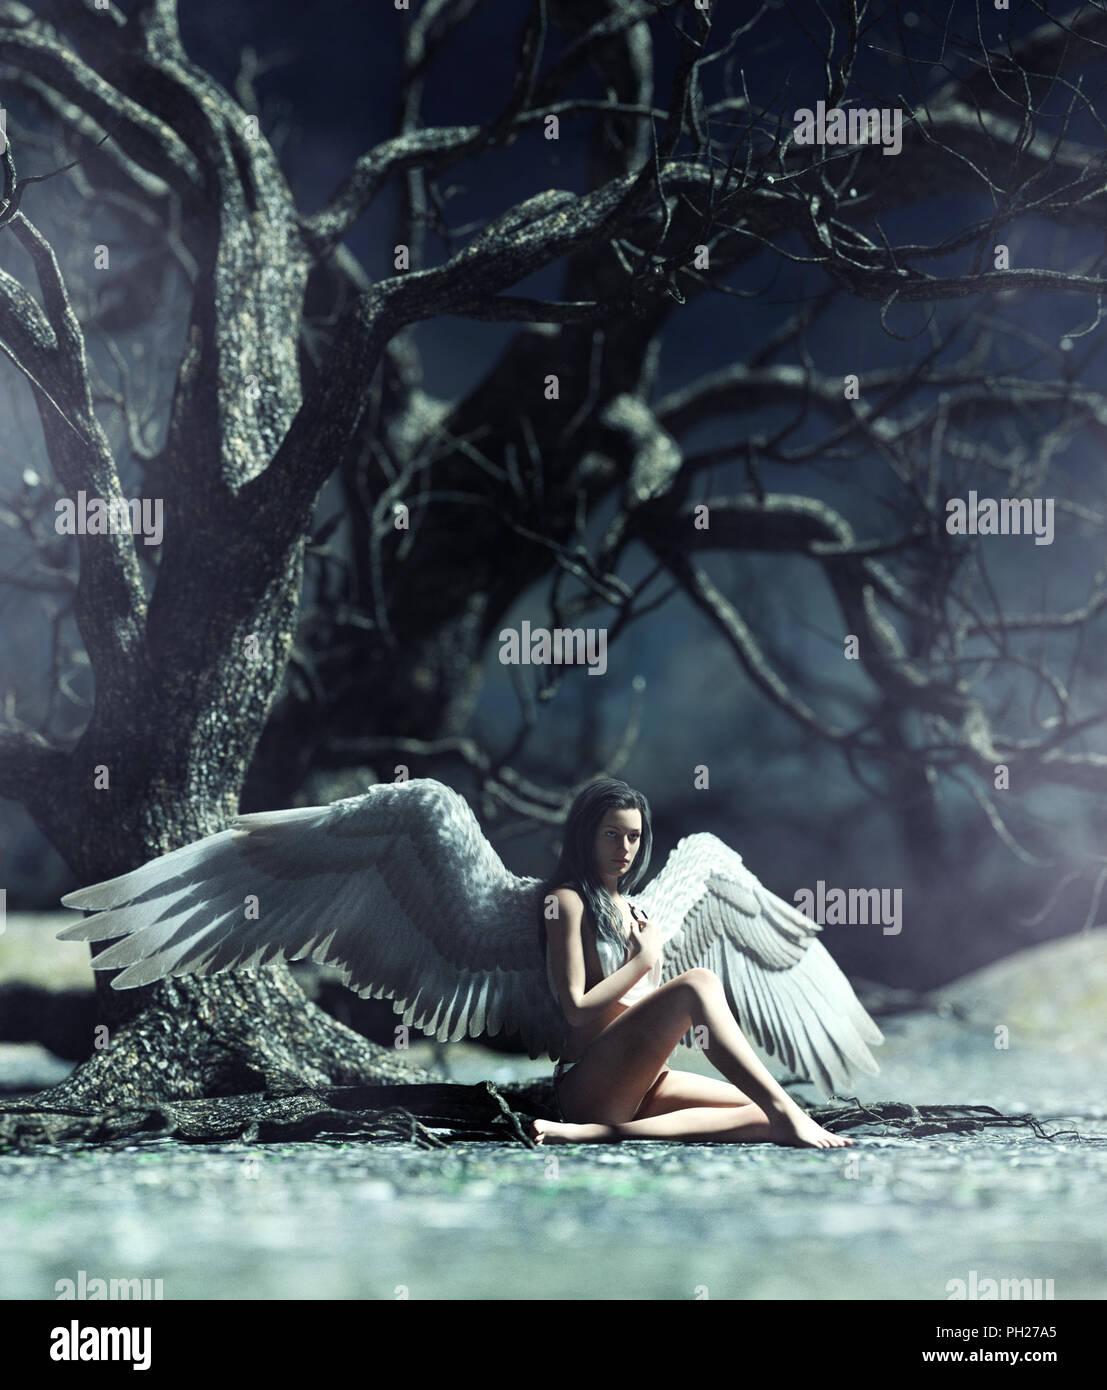 Un ange dans la forêt mystique,3d illustration pour l'illustration de livres ou de couverture de livre Banque D'Images